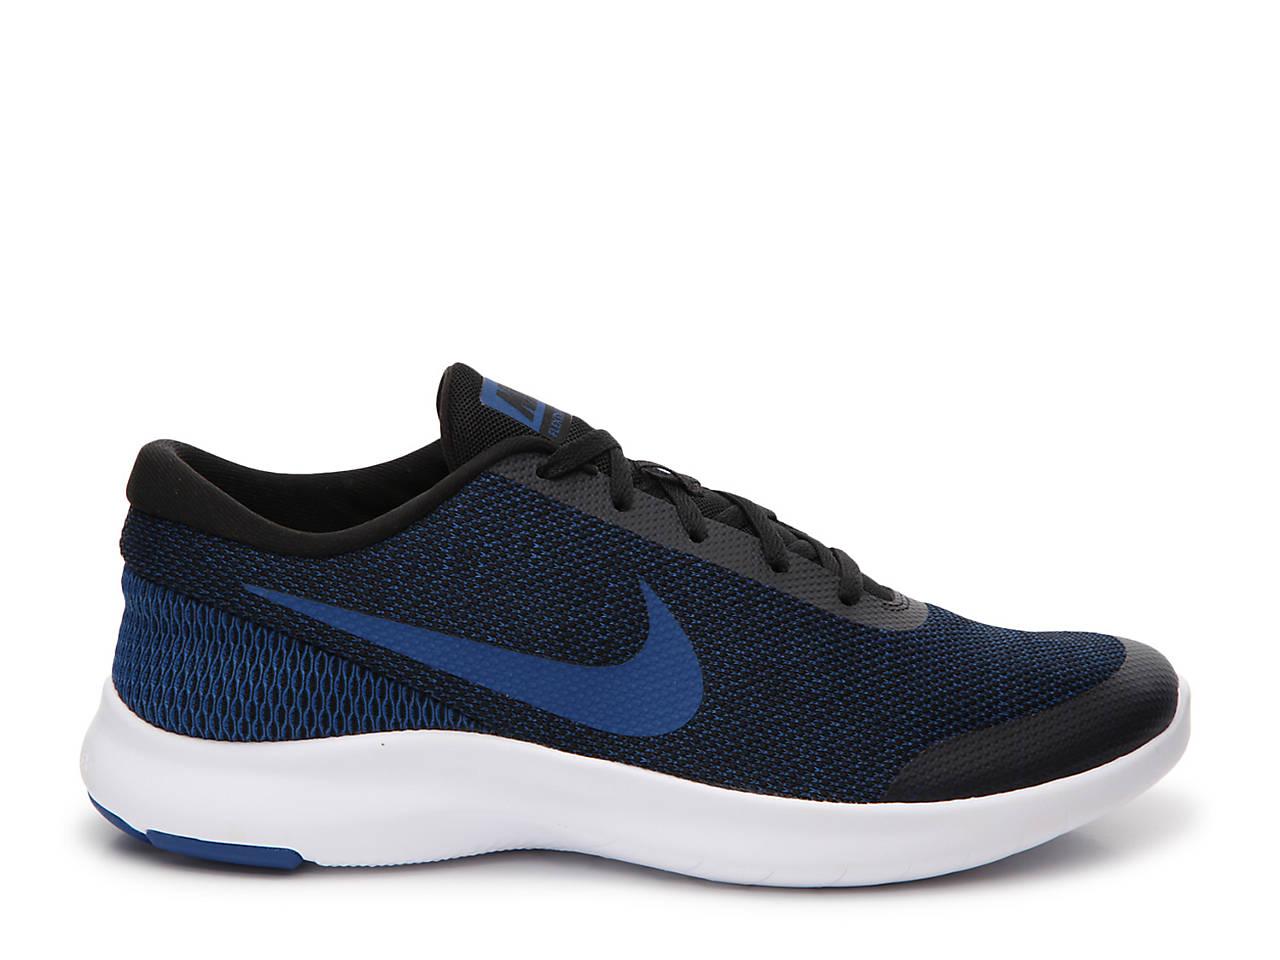 44d29d65ecec Nike Flex Experience Run 7 Lightweight Running Shoe - Men s Men s ...